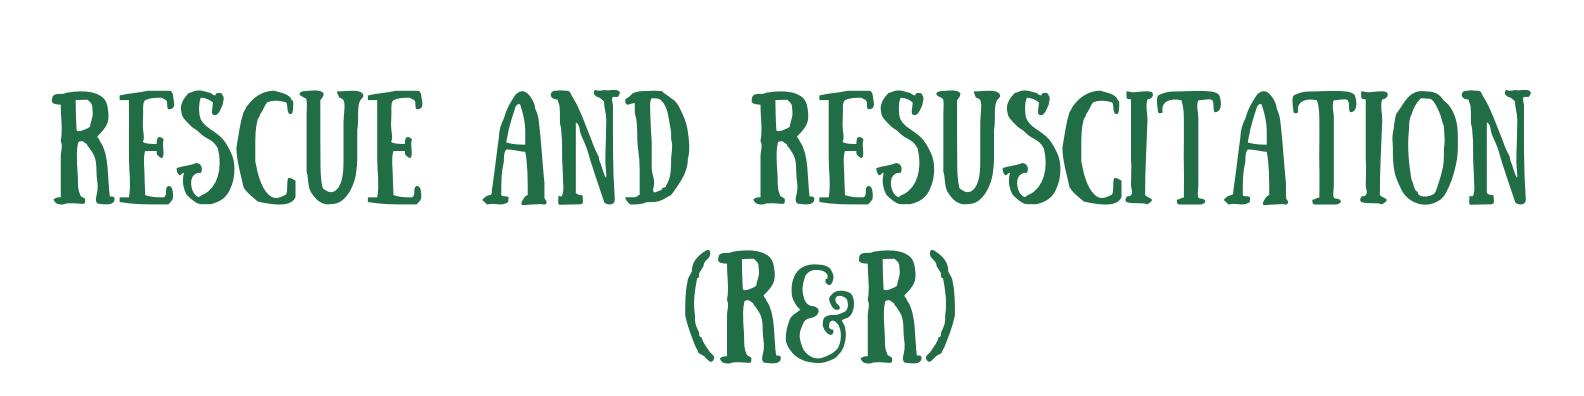 Green and Cream Brushstroke Assistant Professor LinkedIn Banner (26)